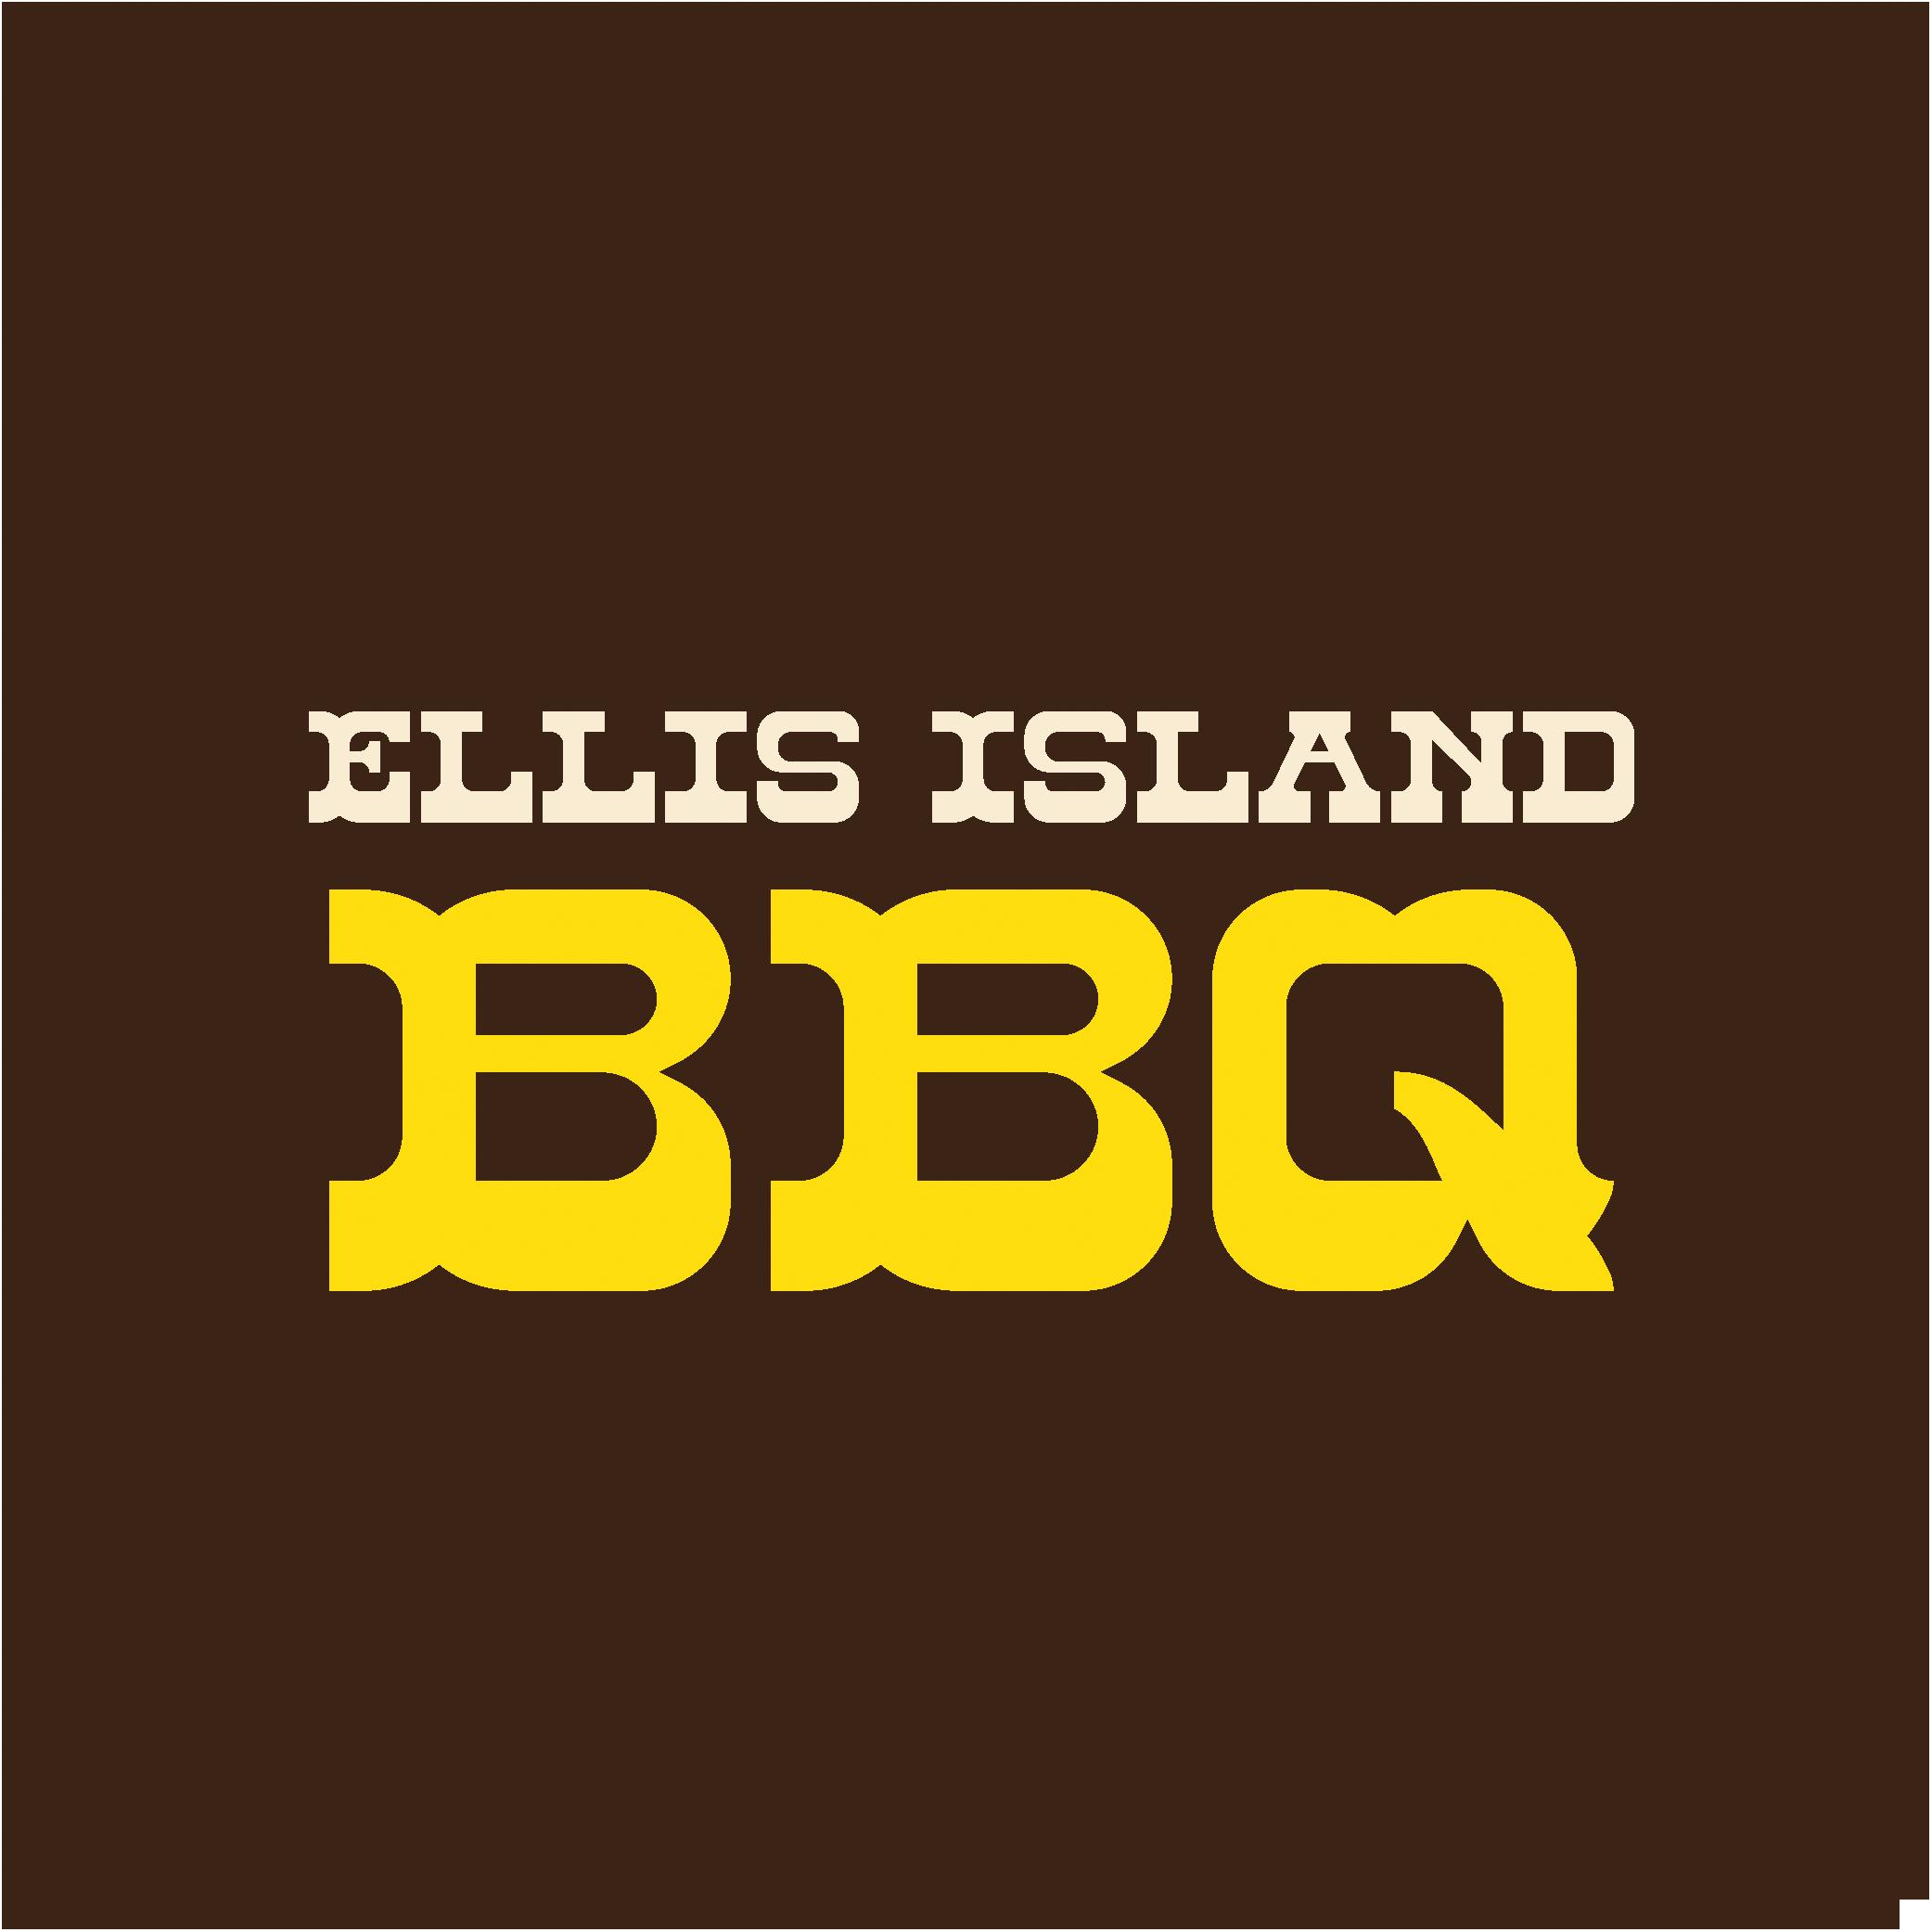 Logo for Ellis Island BBQ